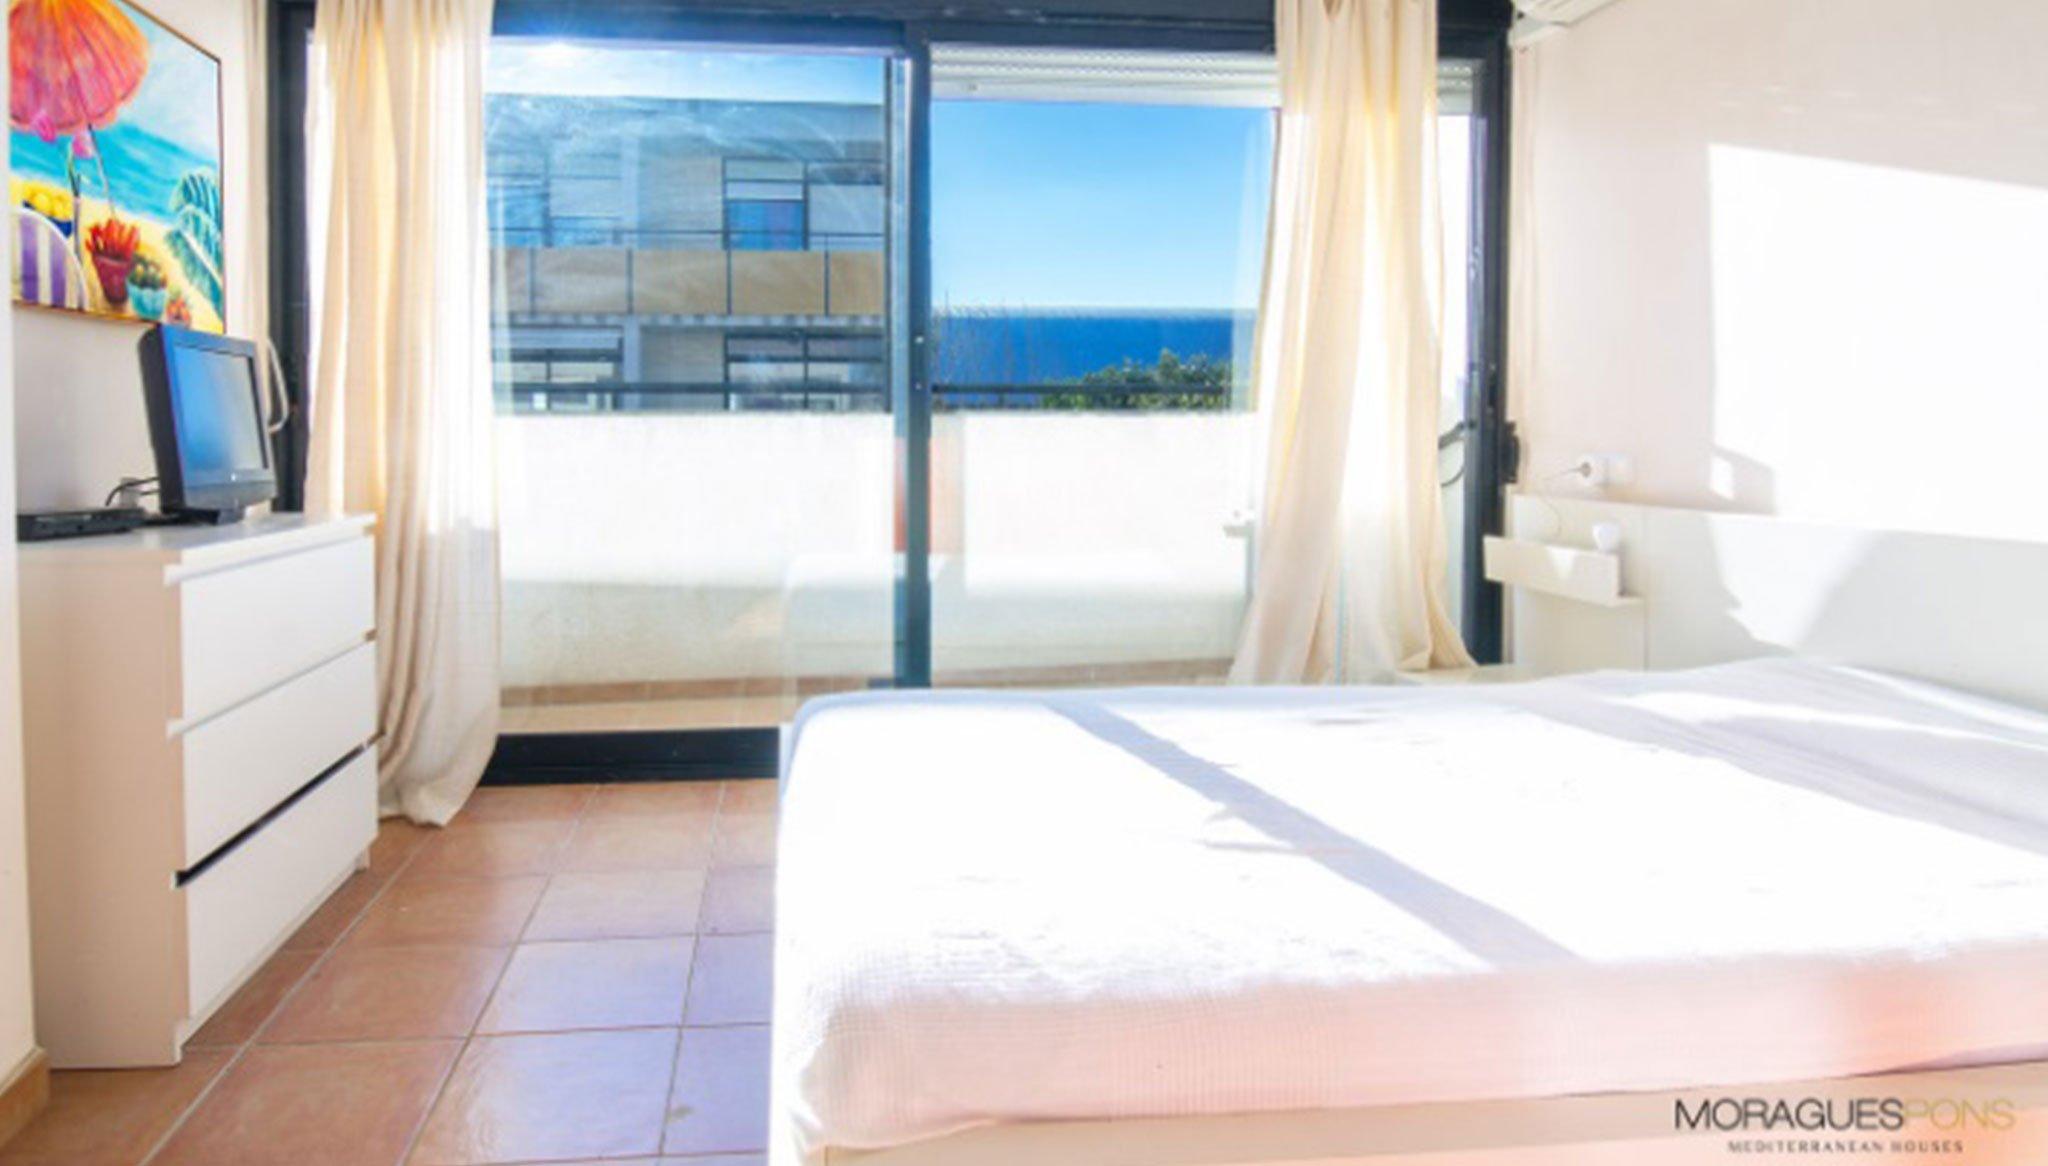 Habitación de un adosado en venta en Jávea – MORAGUESPONS Mediterranean Houses